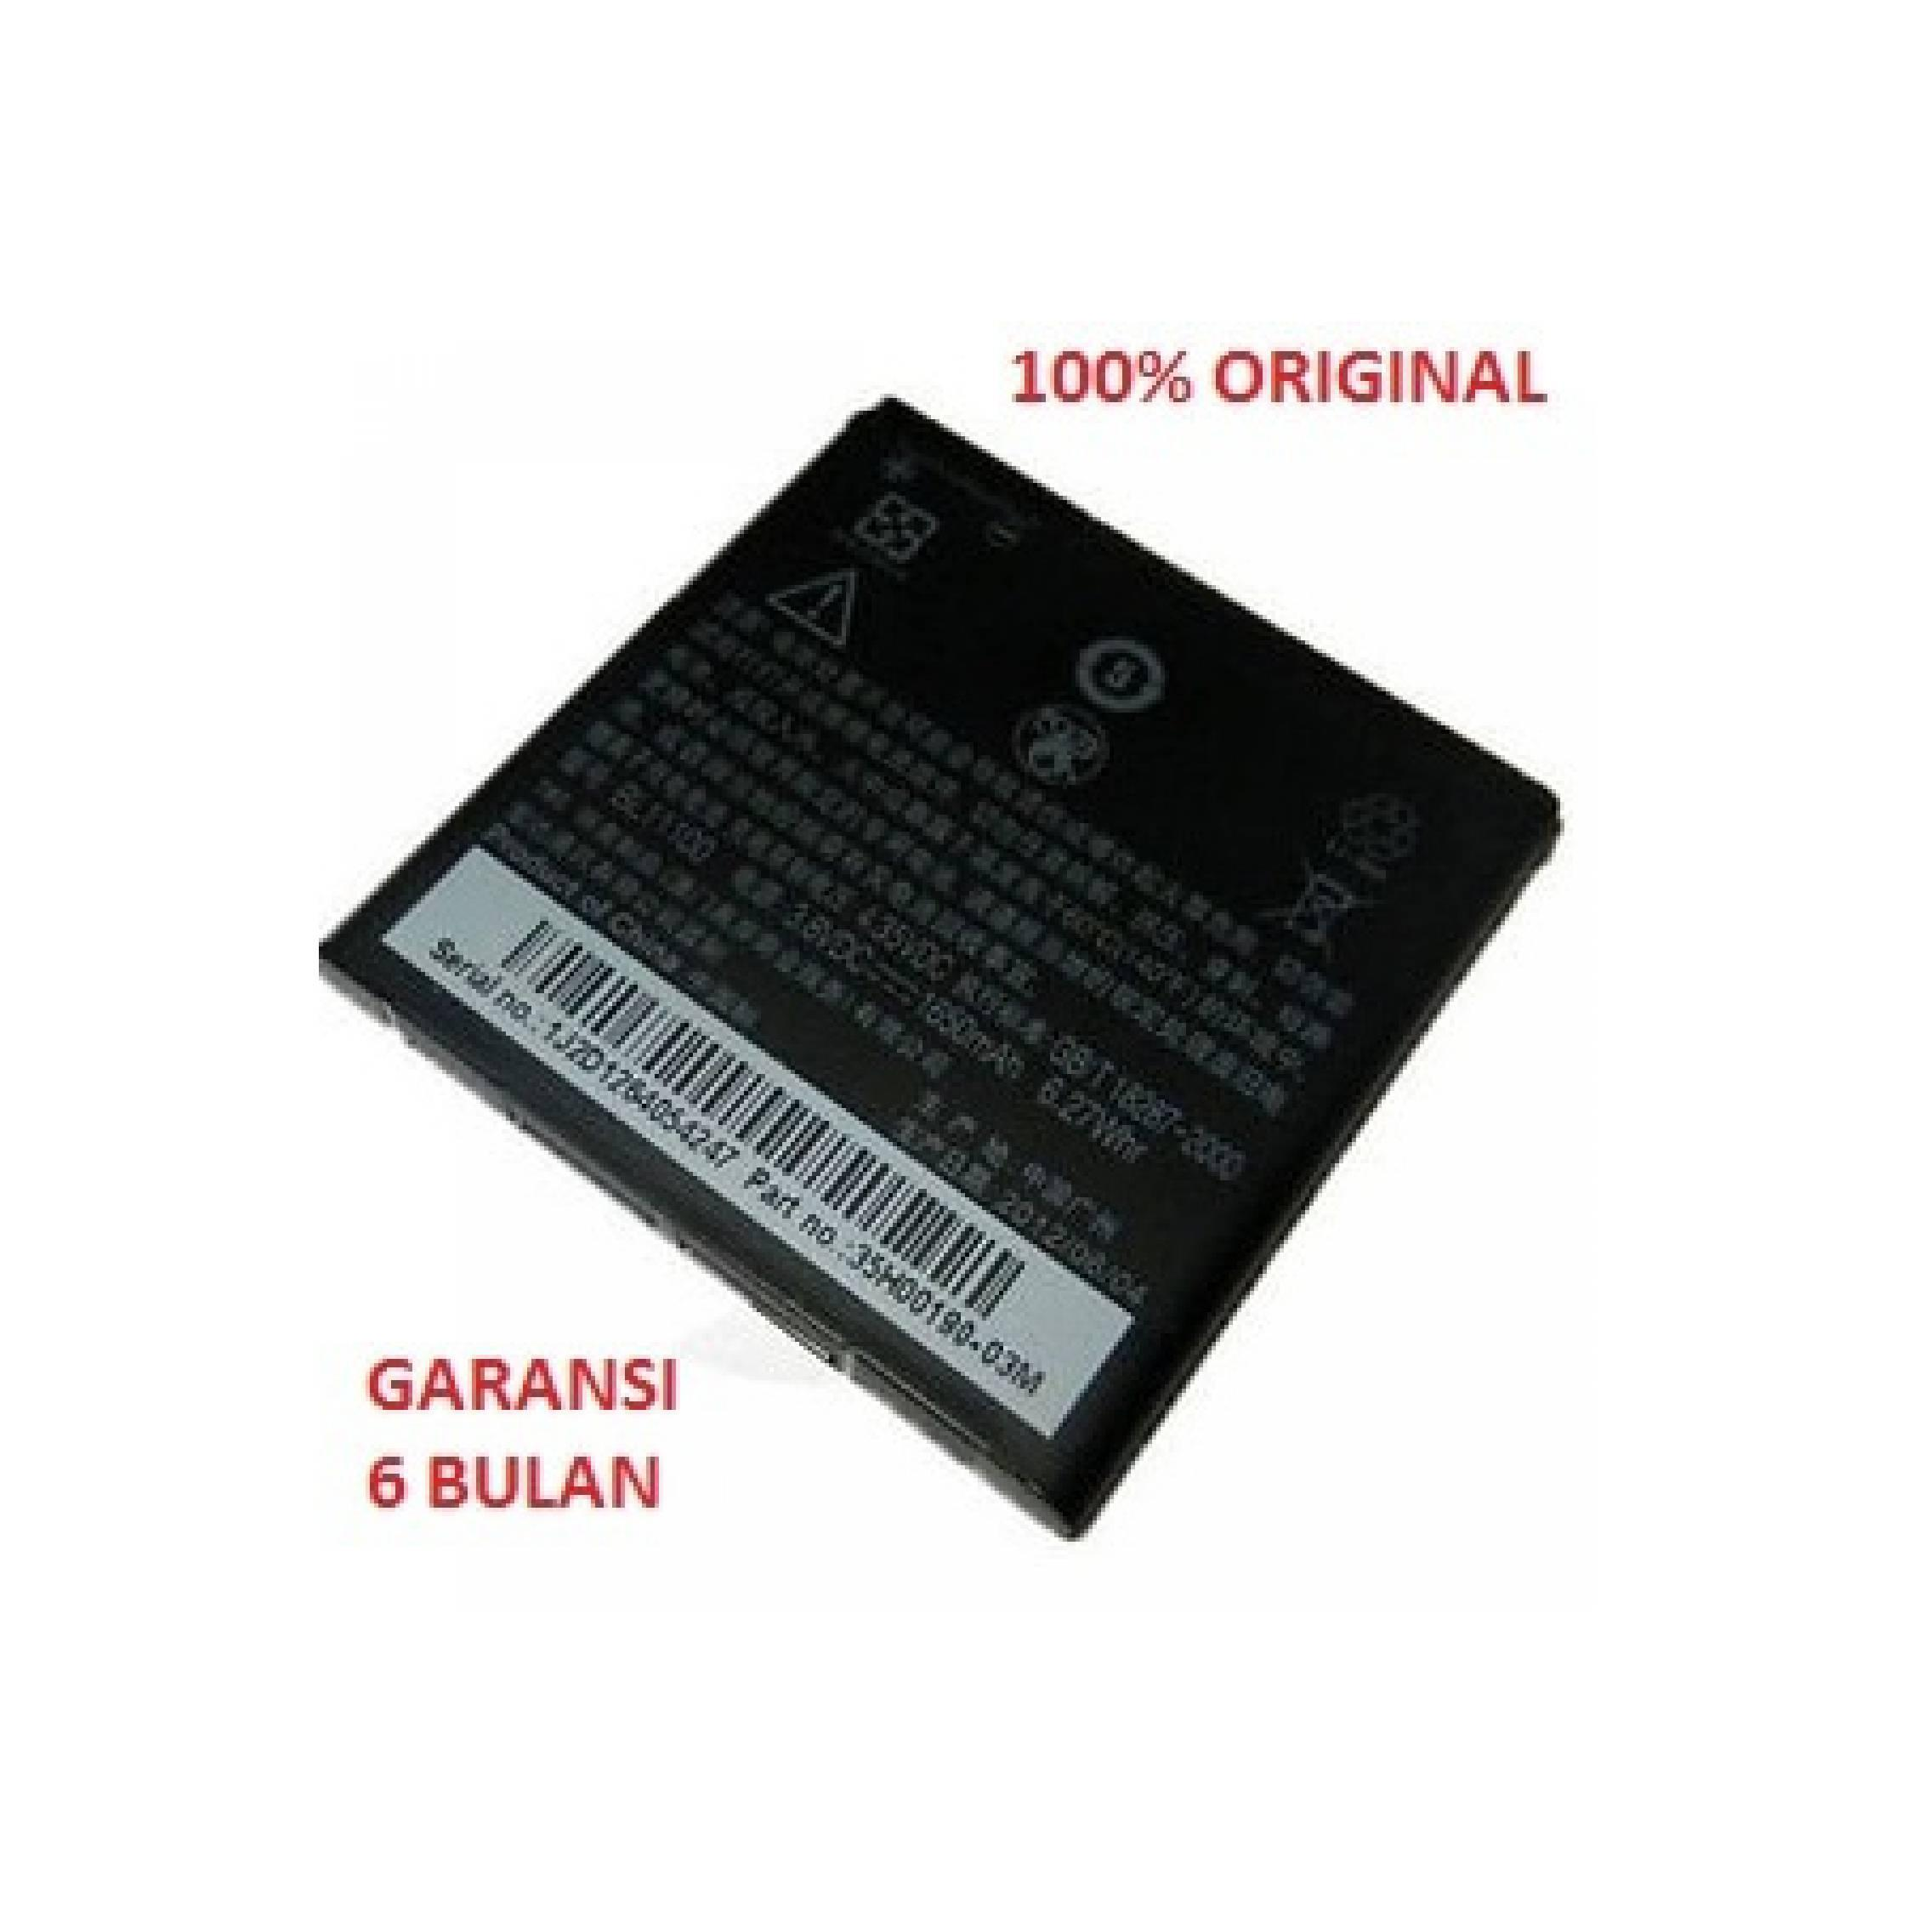 100% ORIGINAL Battery HTC BL11100 / Desire U, desire V, Desire VC